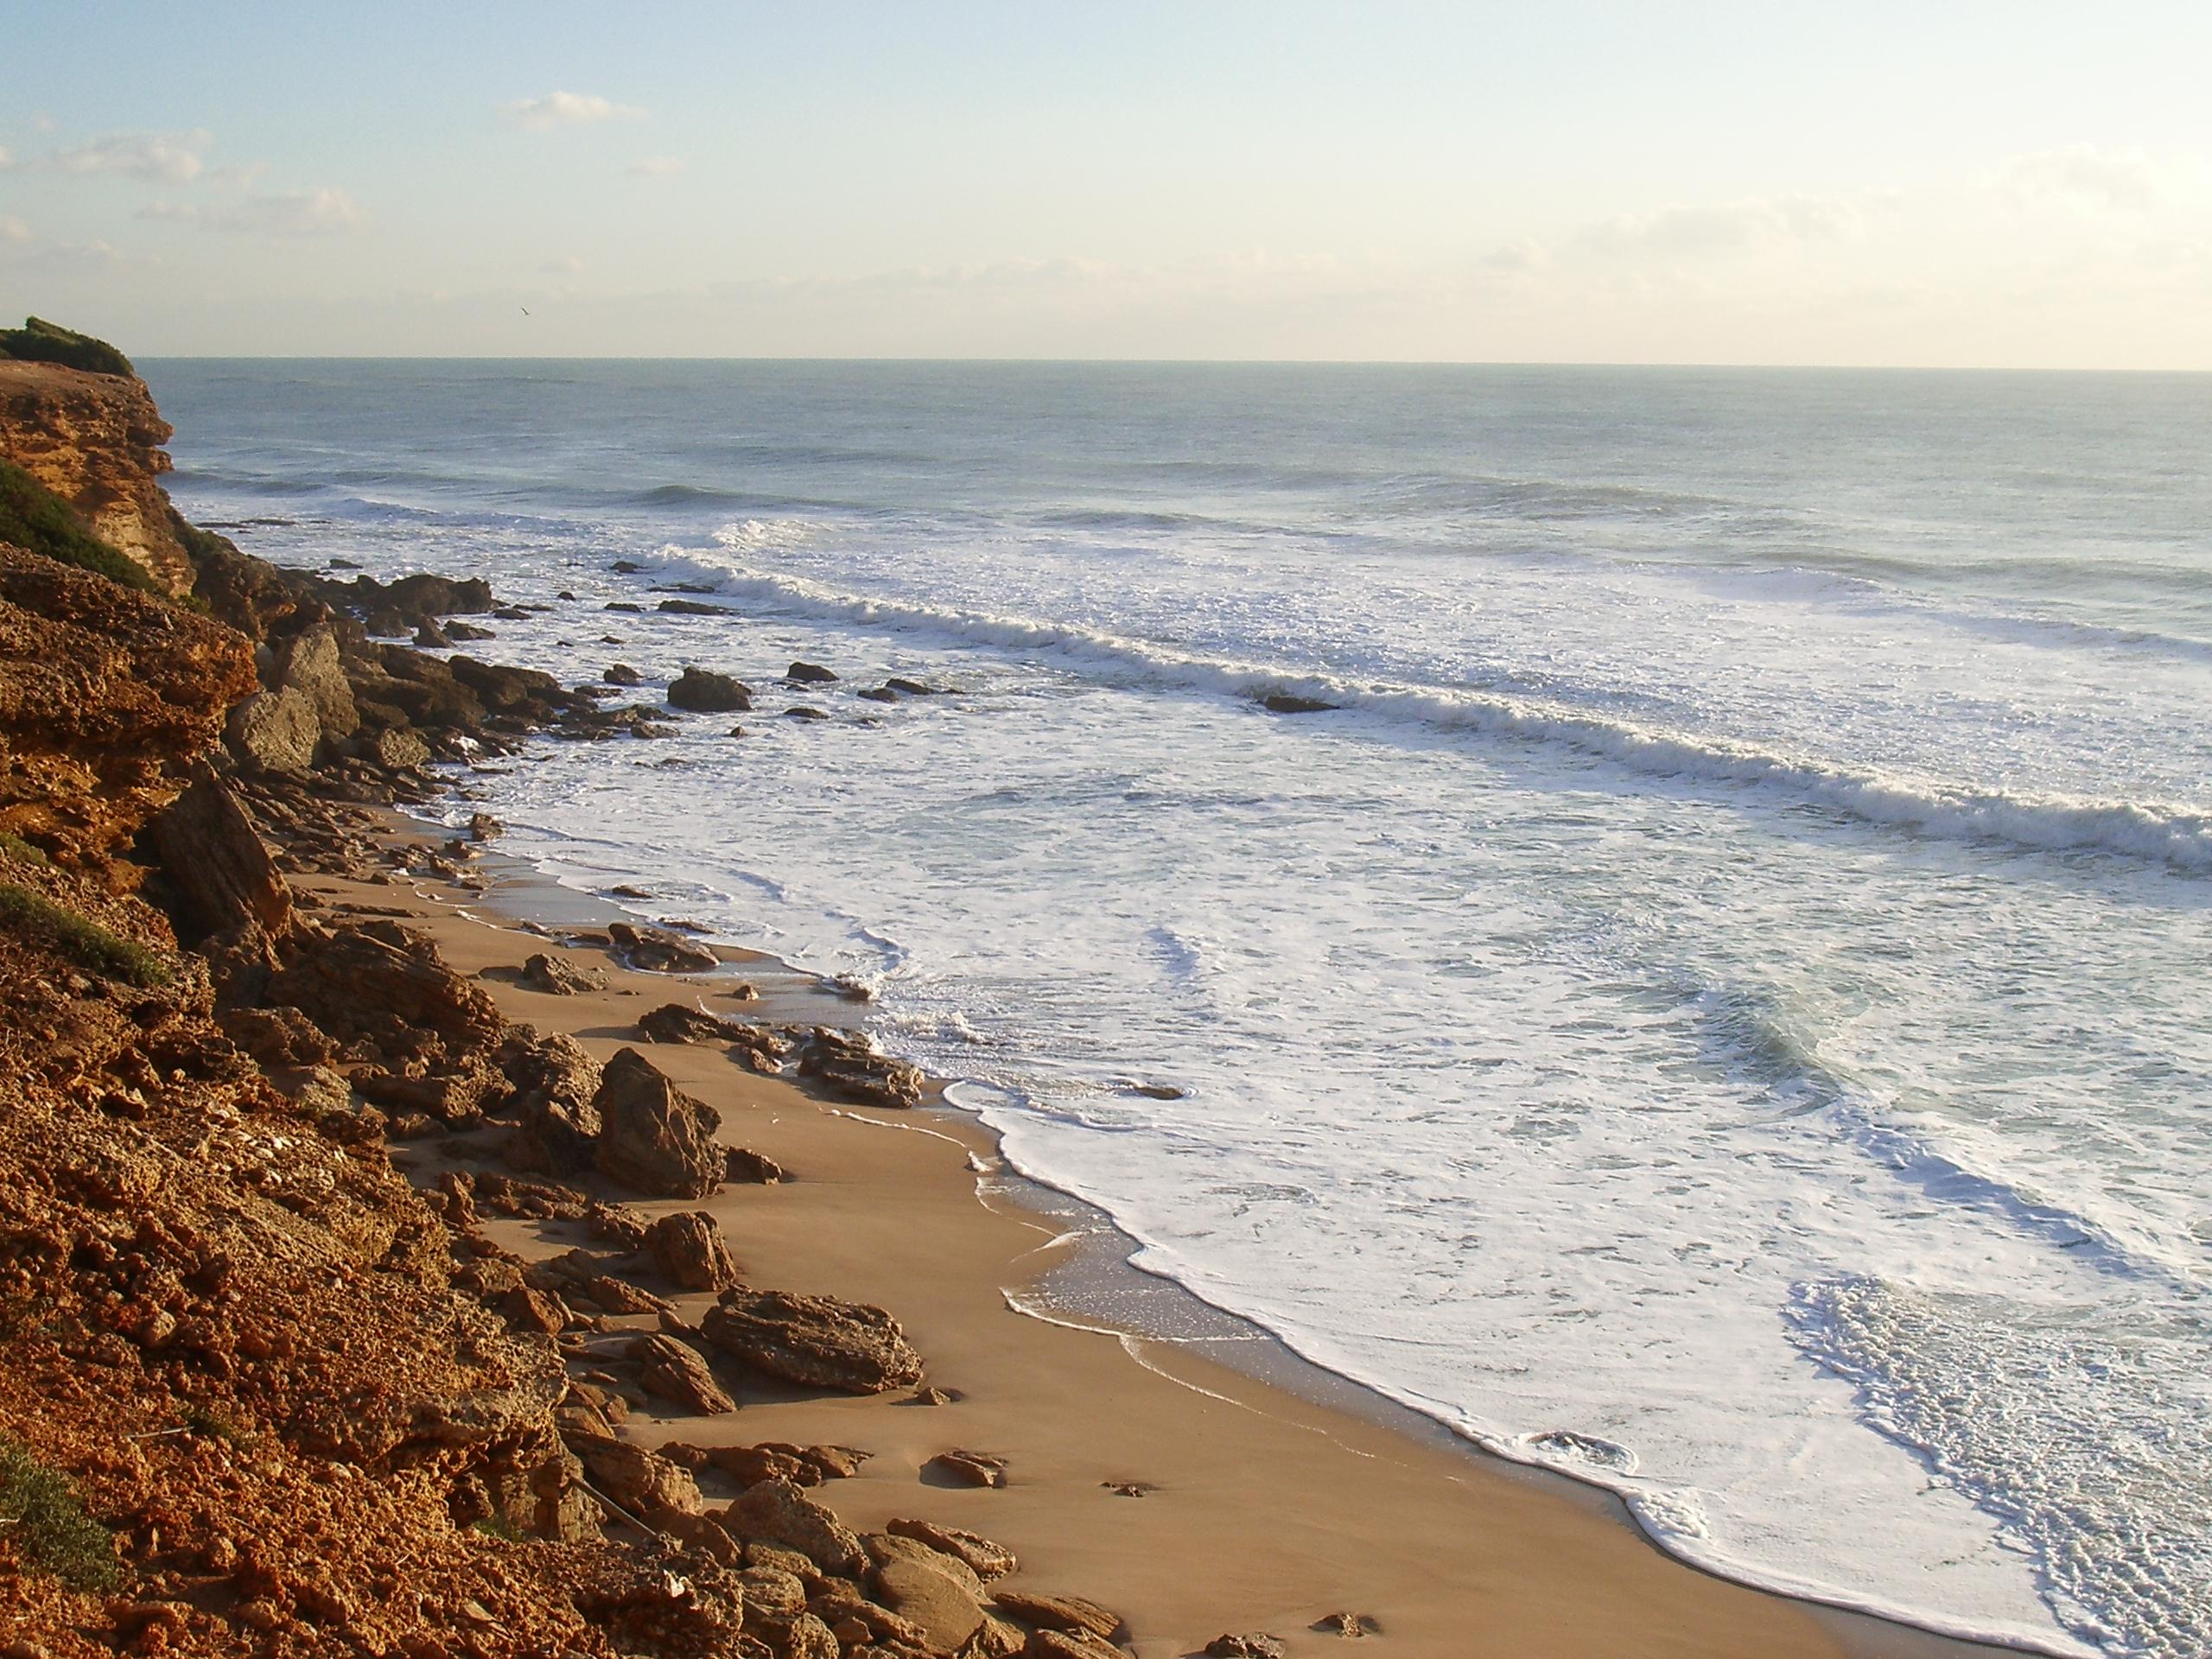 Playa El Puerco / La loma del puerco